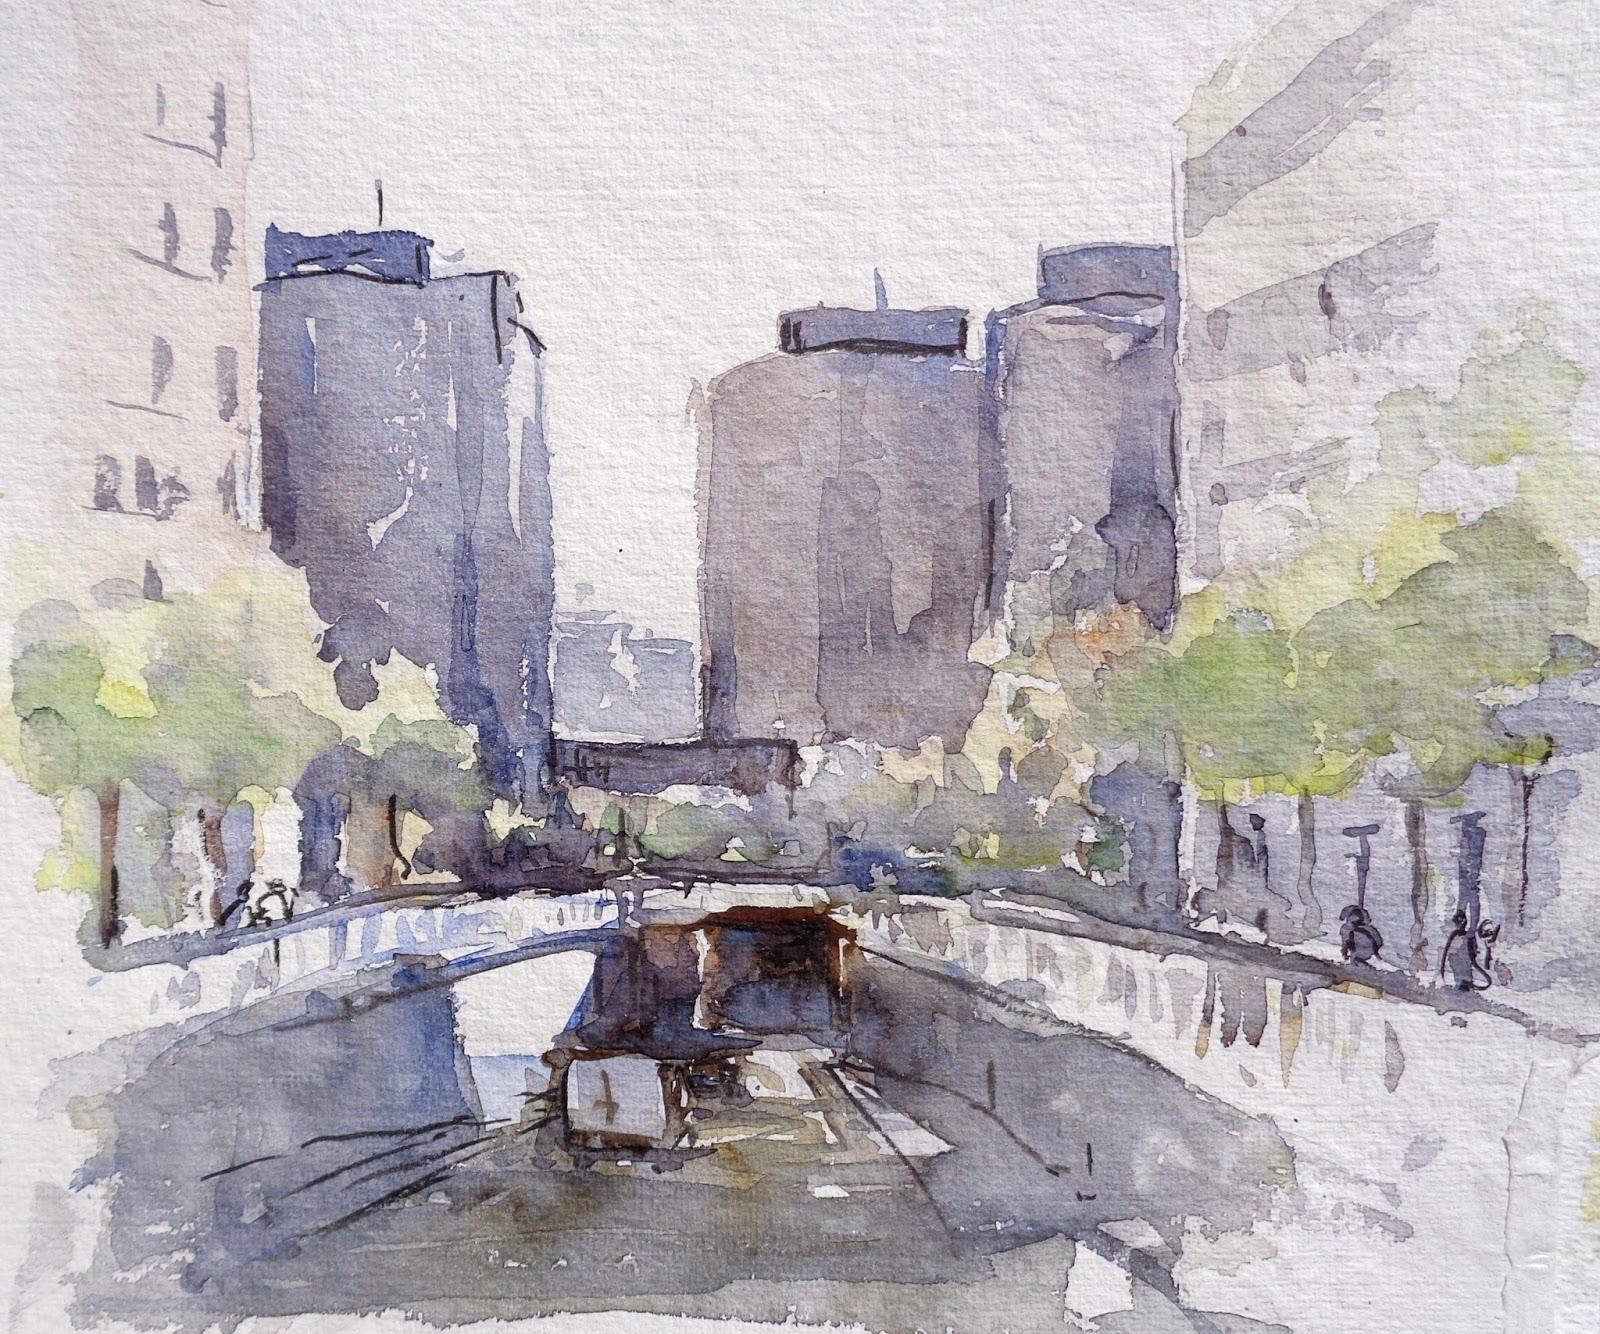 calle sabino de arana barcelona la colla dels dimecres calle sabino arana al fondo los edificios trade